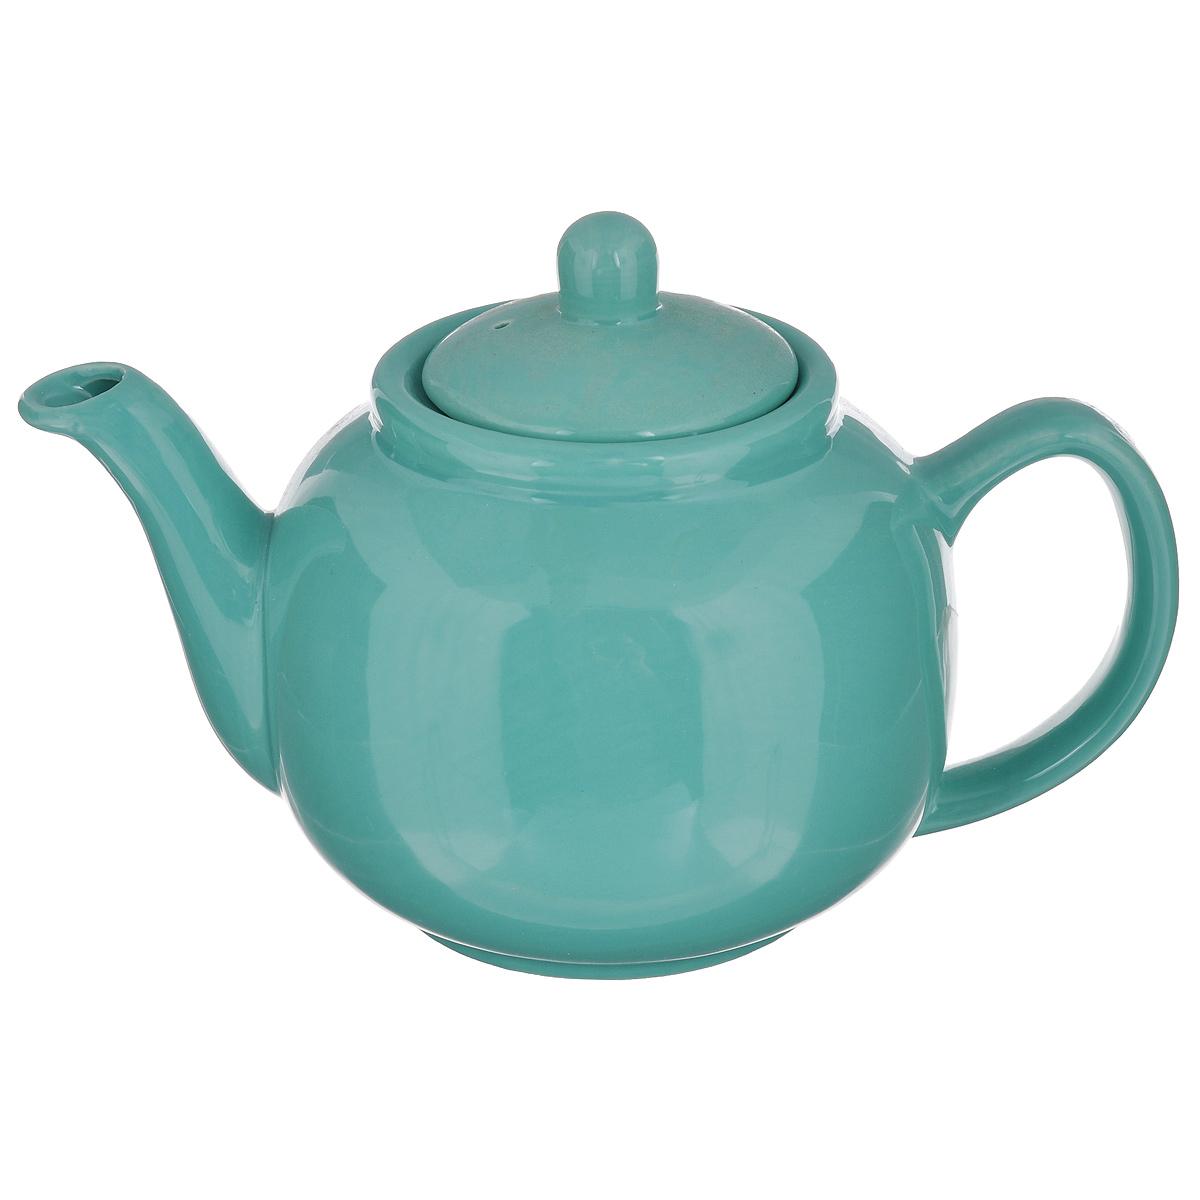 Чайник заварочный Loraine, цвет: зеленый, 940 мл115510Заварочный чайник Loraine изготовлен из высококачественной доломитовой керамики высокого качества без примеси ПФОК. Глазурованное покрытие делает поверхность абсолютно гладкой и легкой для чистки. Изделие прекрасно подходит для заваривания вкусного и ароматного чая, травяных настоев. Оригинальный дизайн сделает чайник настоящим украшением стола. Он удобен в использовании и понравится каждому.Можно мыть в посудомоечной машине и использовать в микроволновой печи. Диаметр чайника (по верхнему краю): 9 см. Высота чайника (без учета крышки): 11 см.